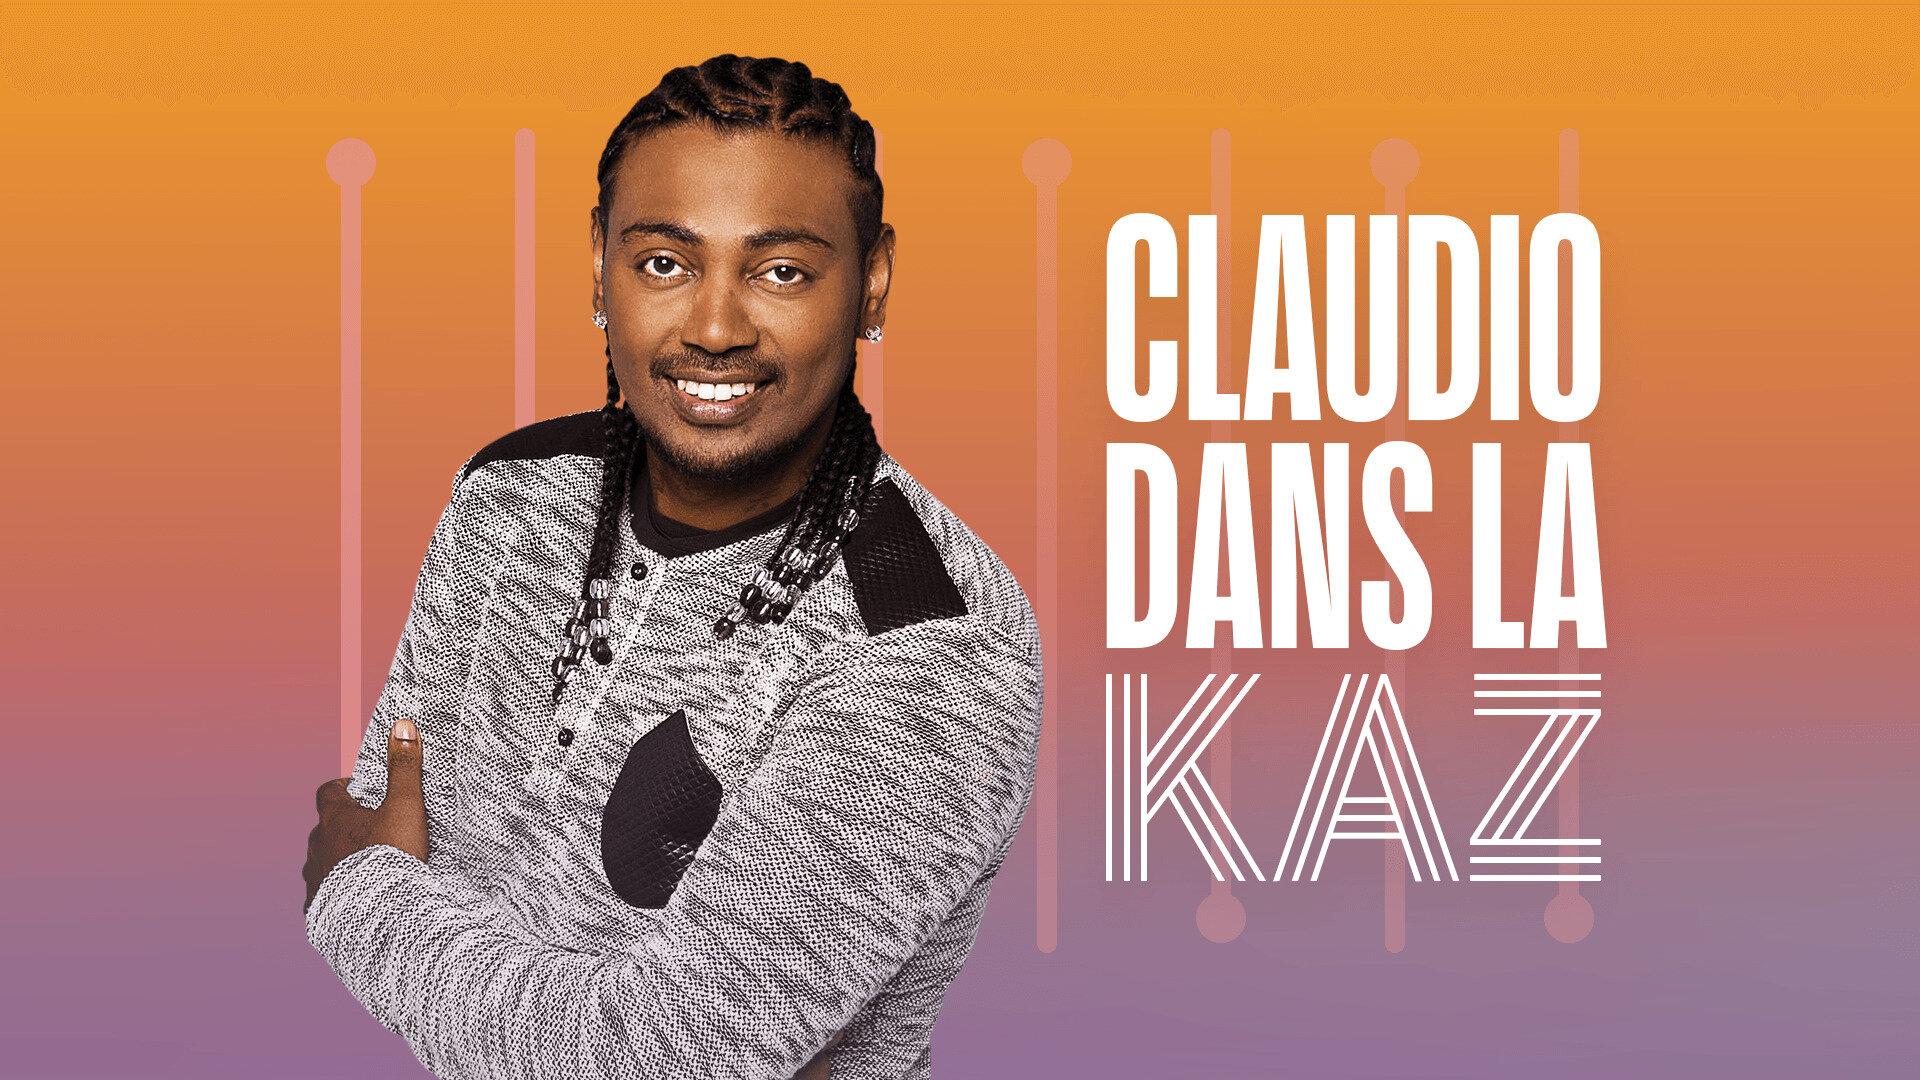 Claudio dans la kaz